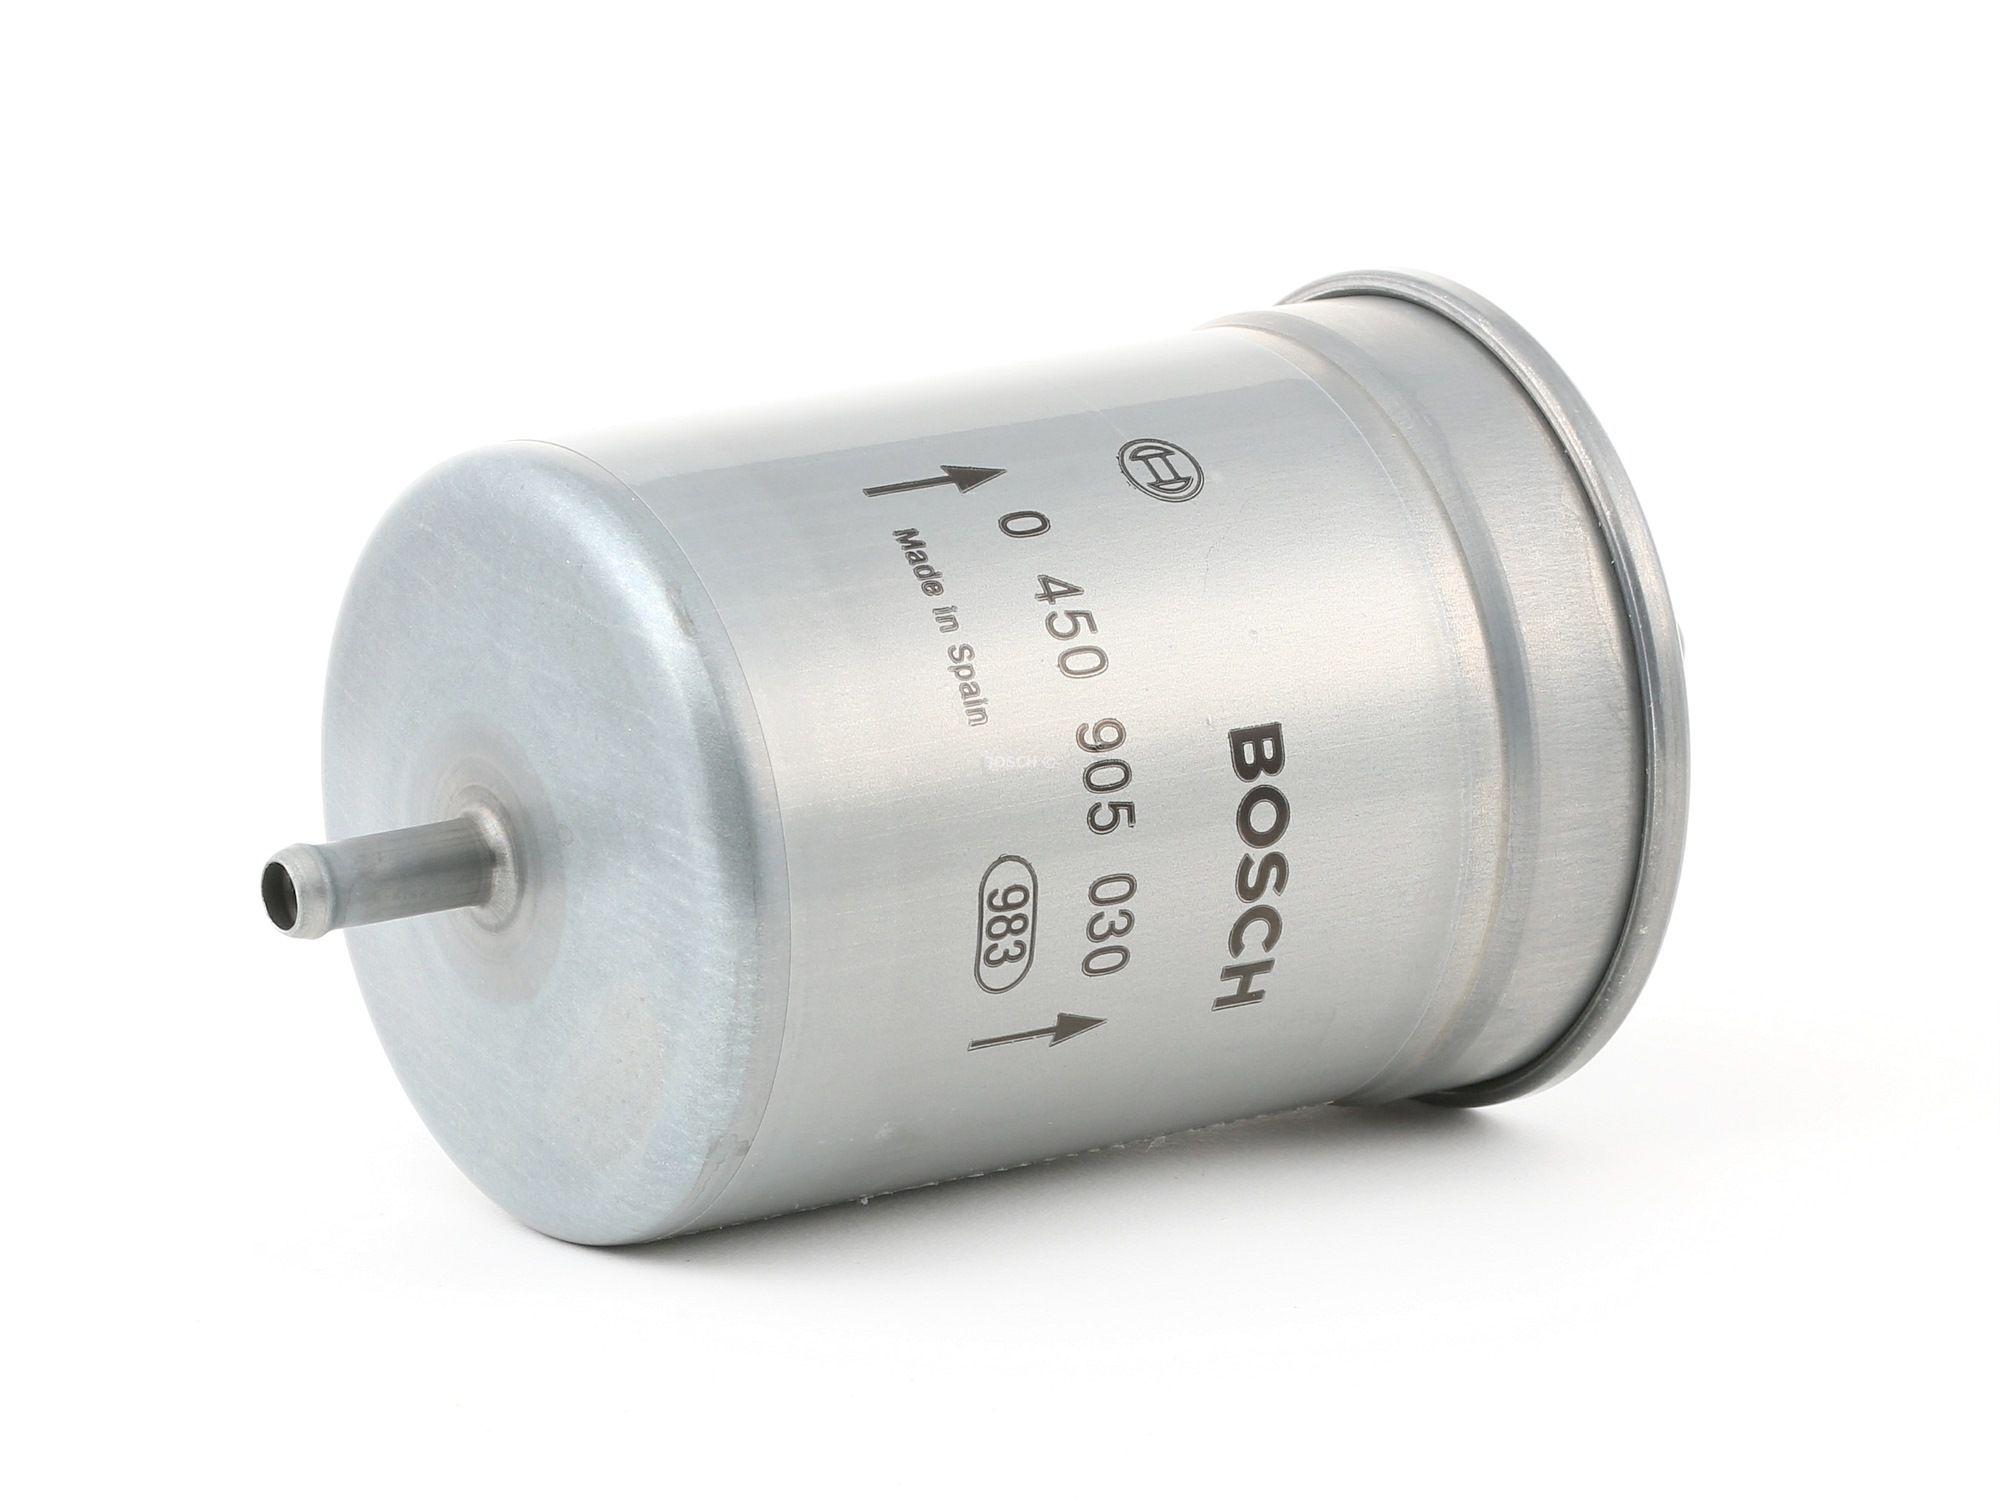 Palivový filtr 0 450 905 030 s vynikajícím poměrem mezi cenou a BOSCH kvalitou